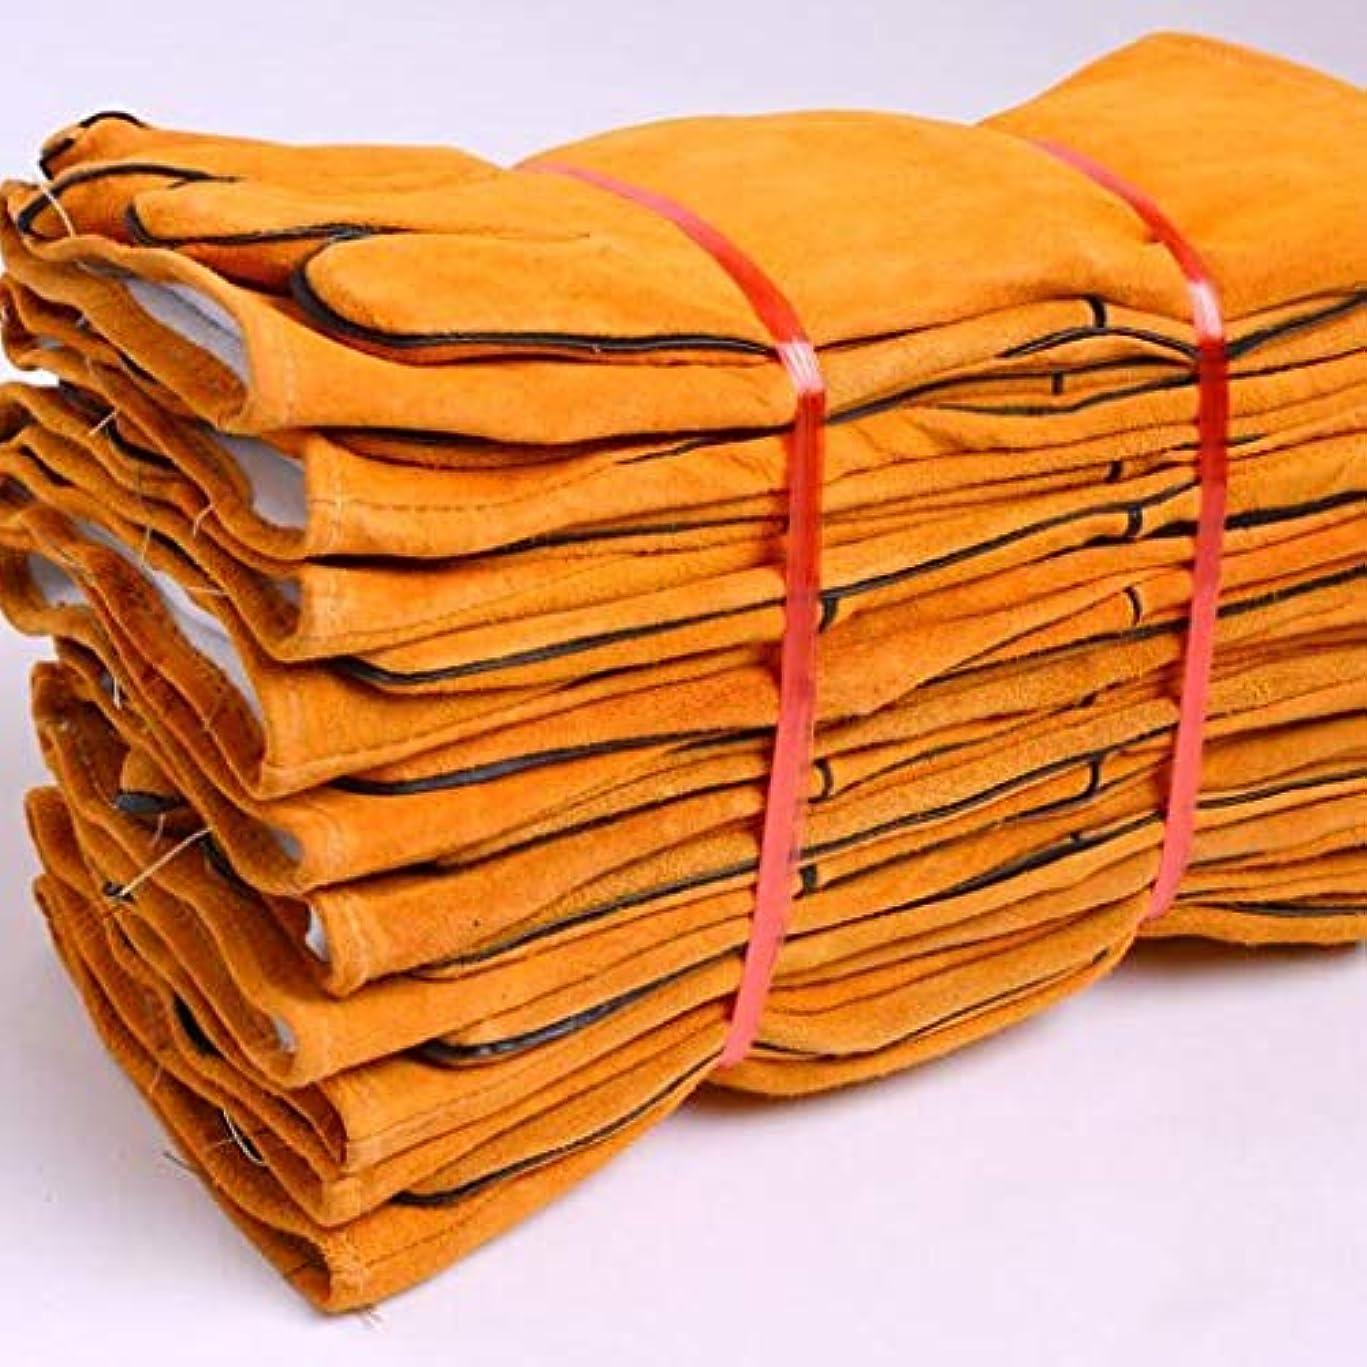 オペレーター馬鹿カリングレザーグローブ溶接機溶接溶接溶接機の手袋耐摩耗性の長い厚い耐熱絶縁の抗スケーリング8ペア SHWSM (Color : Yellow)